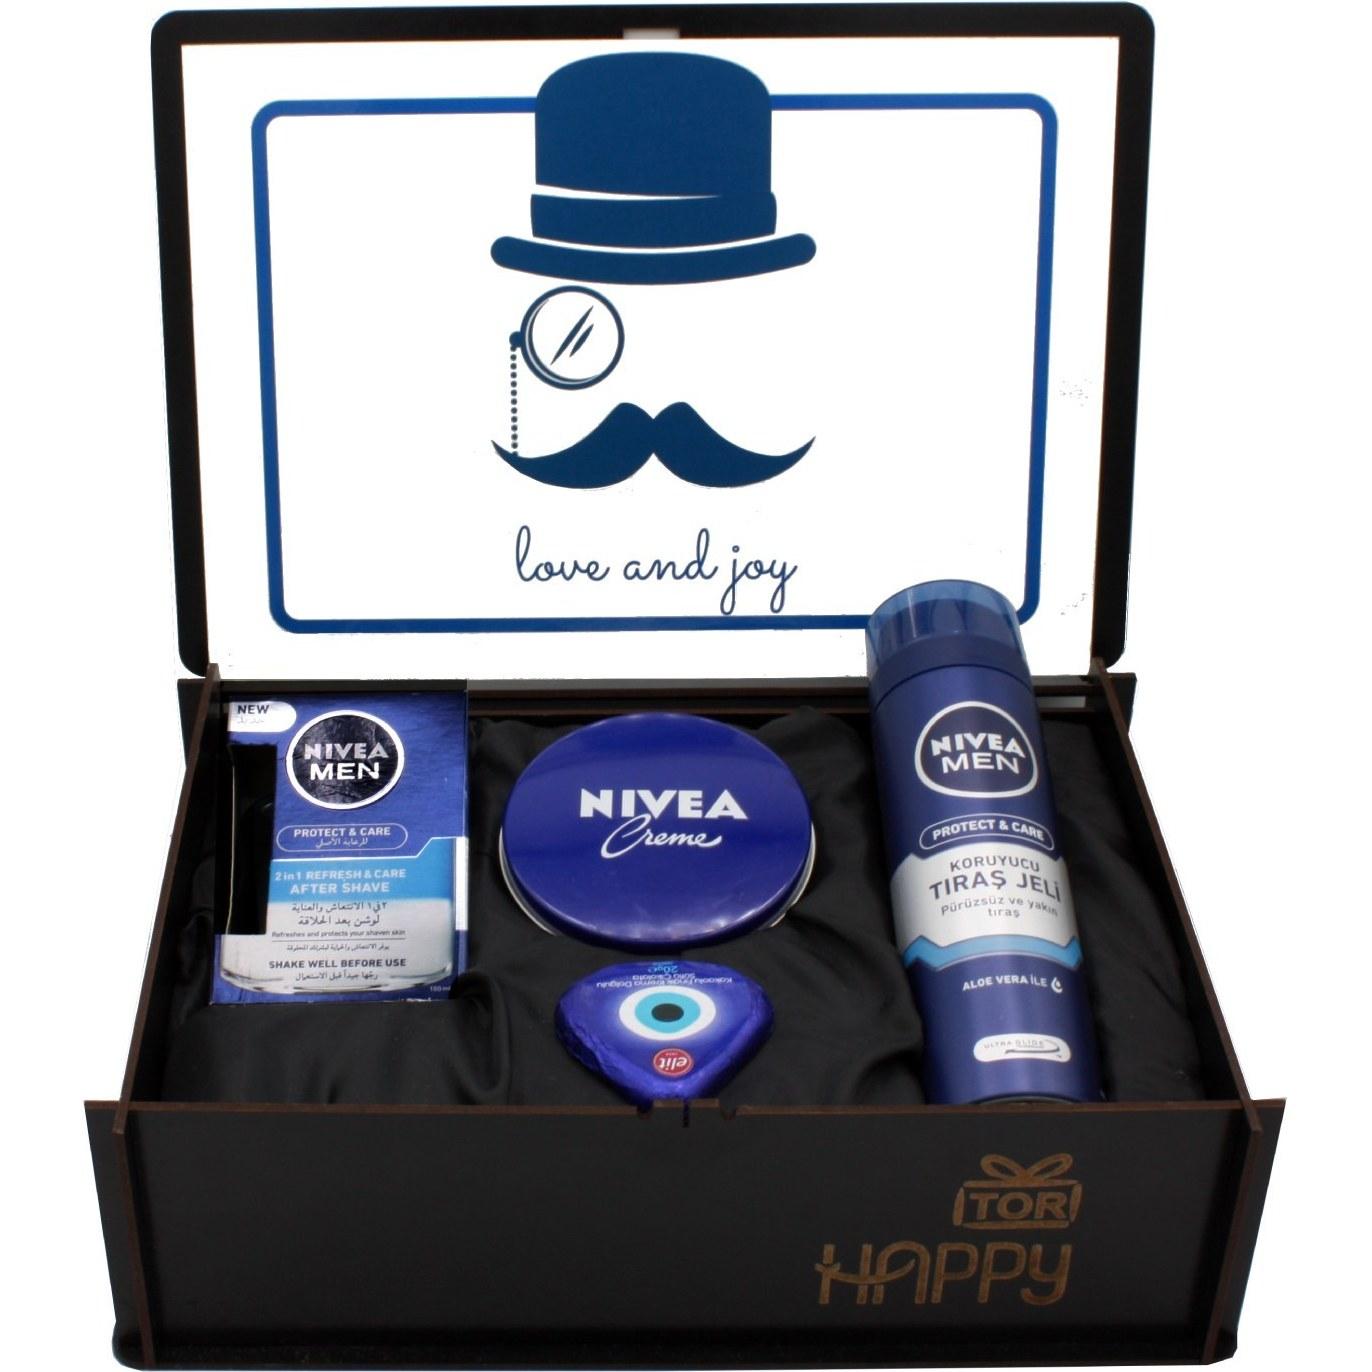 تصویر هدیه مردانه پک بهداشتی نیوآ مدل پروتکت 3 تکه